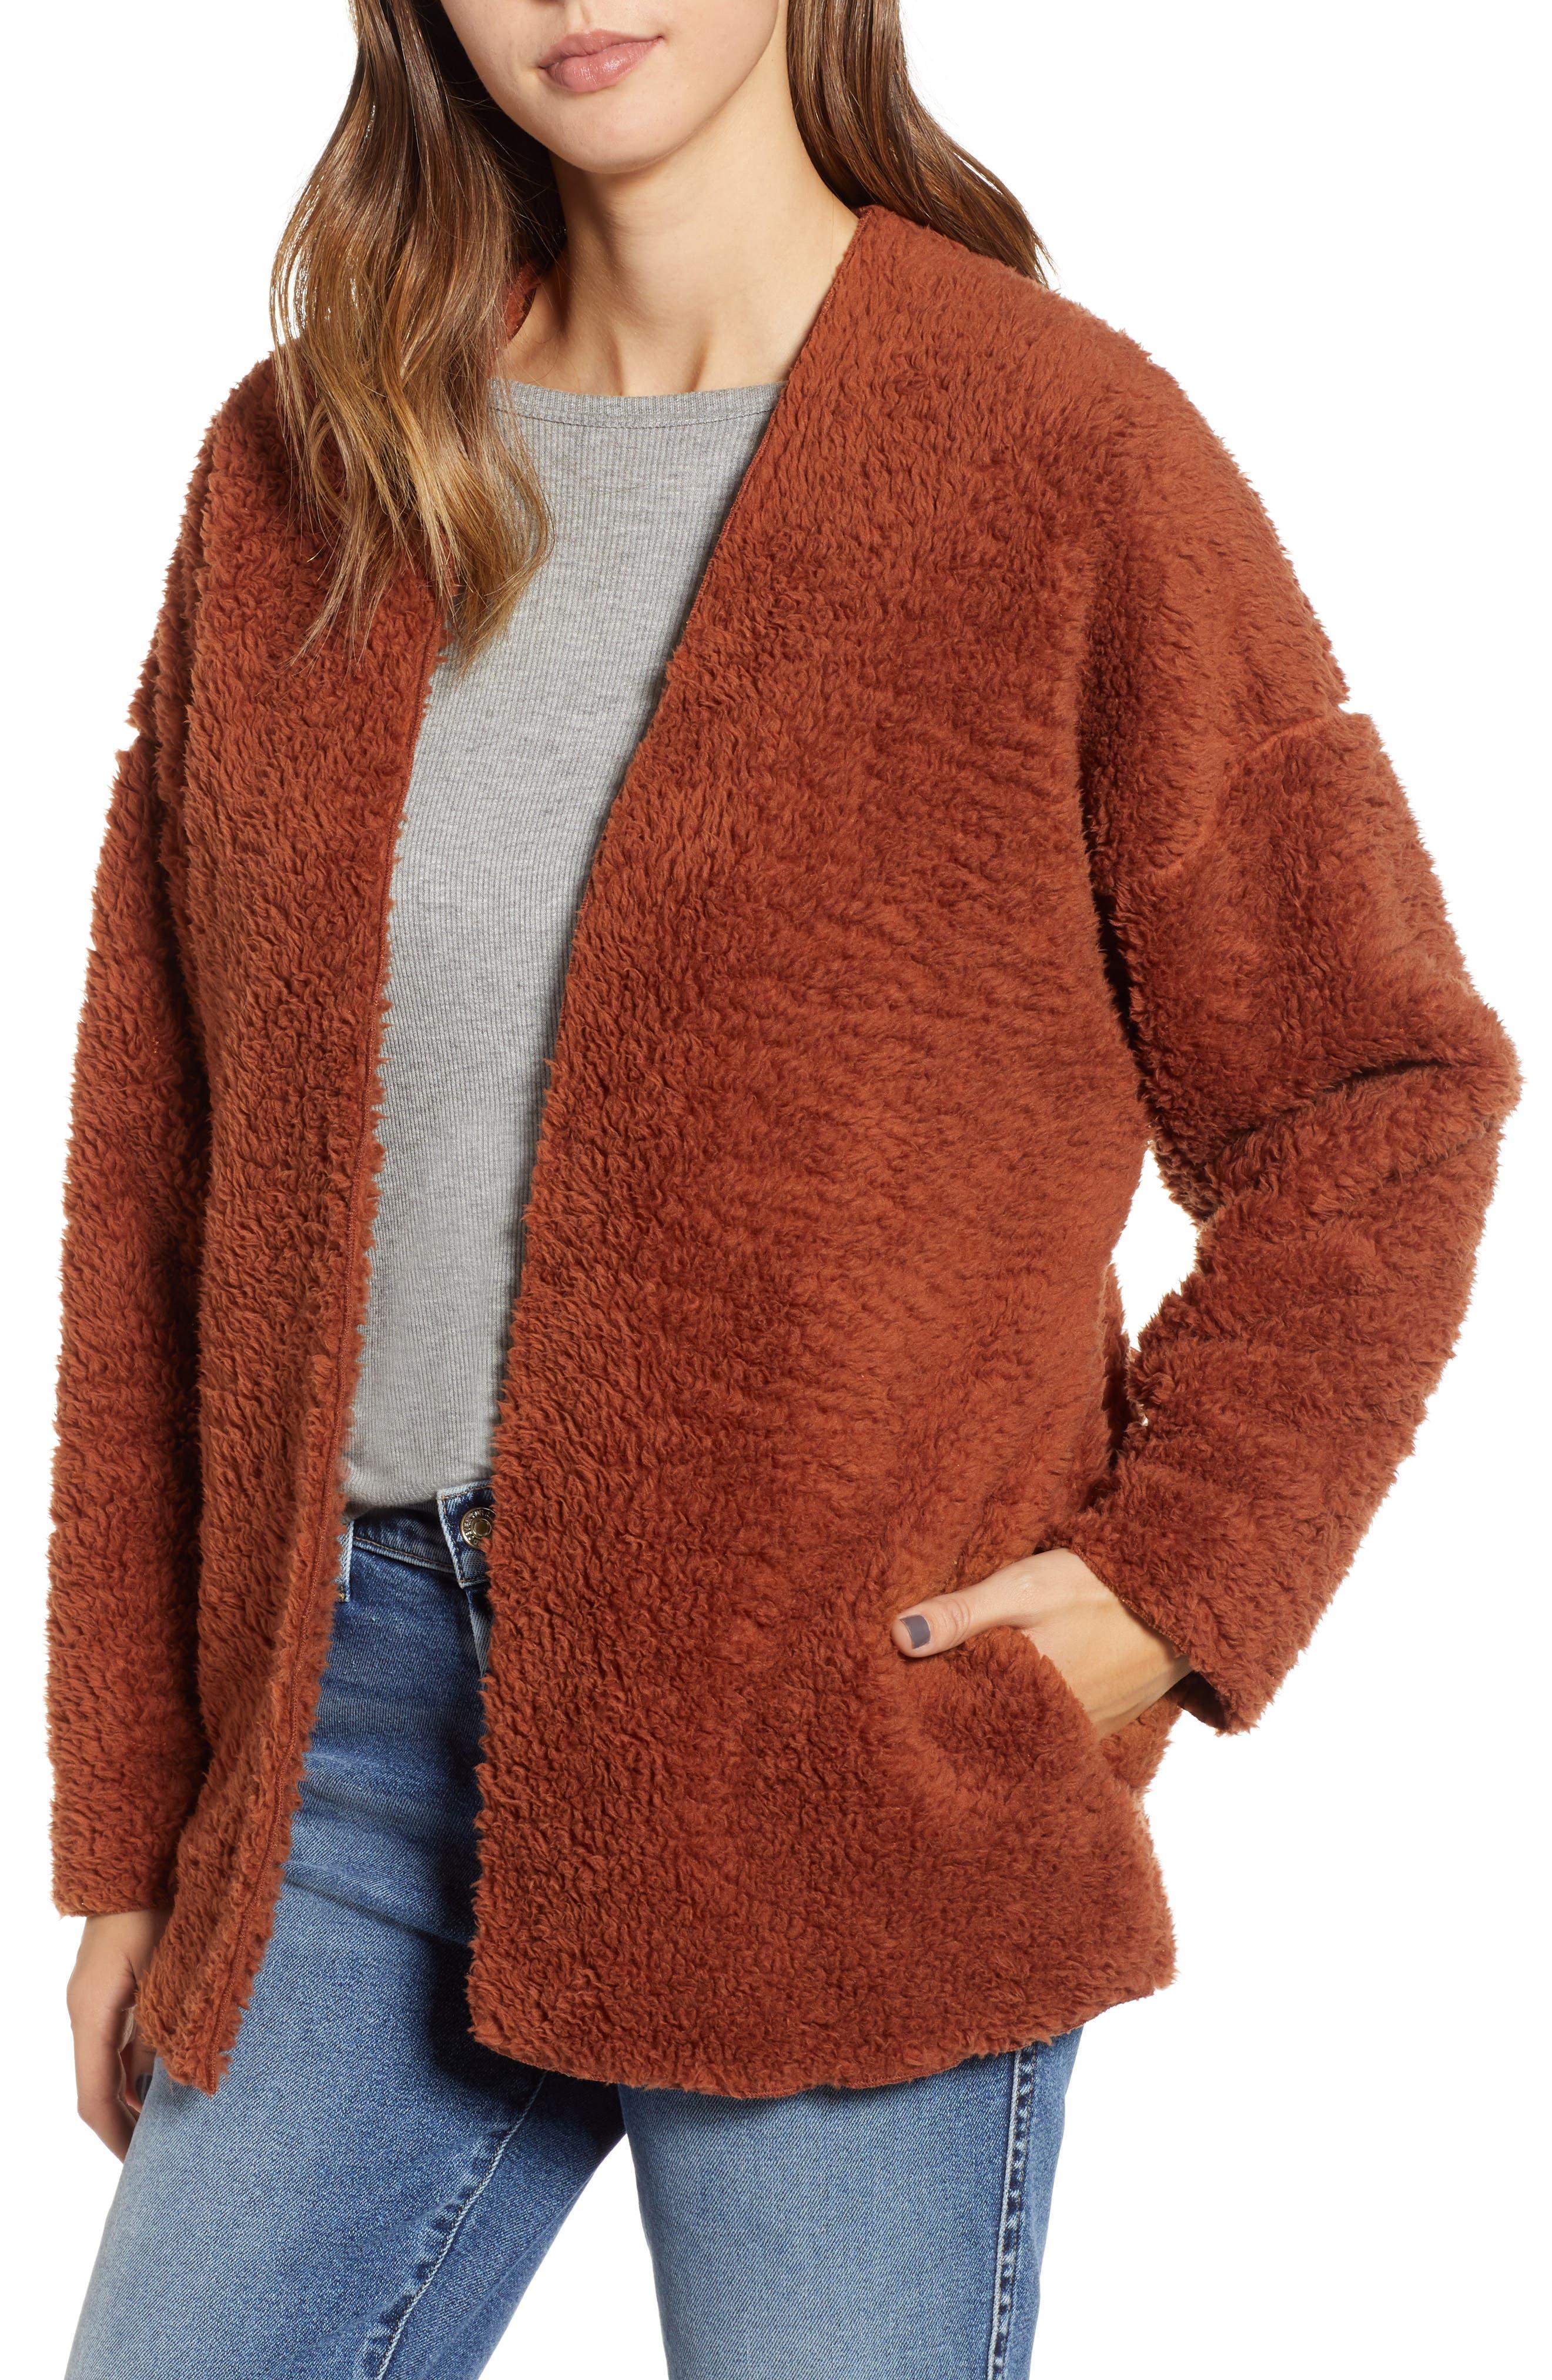 Socialite Cozy High Pile Fleece Jacket, Brown